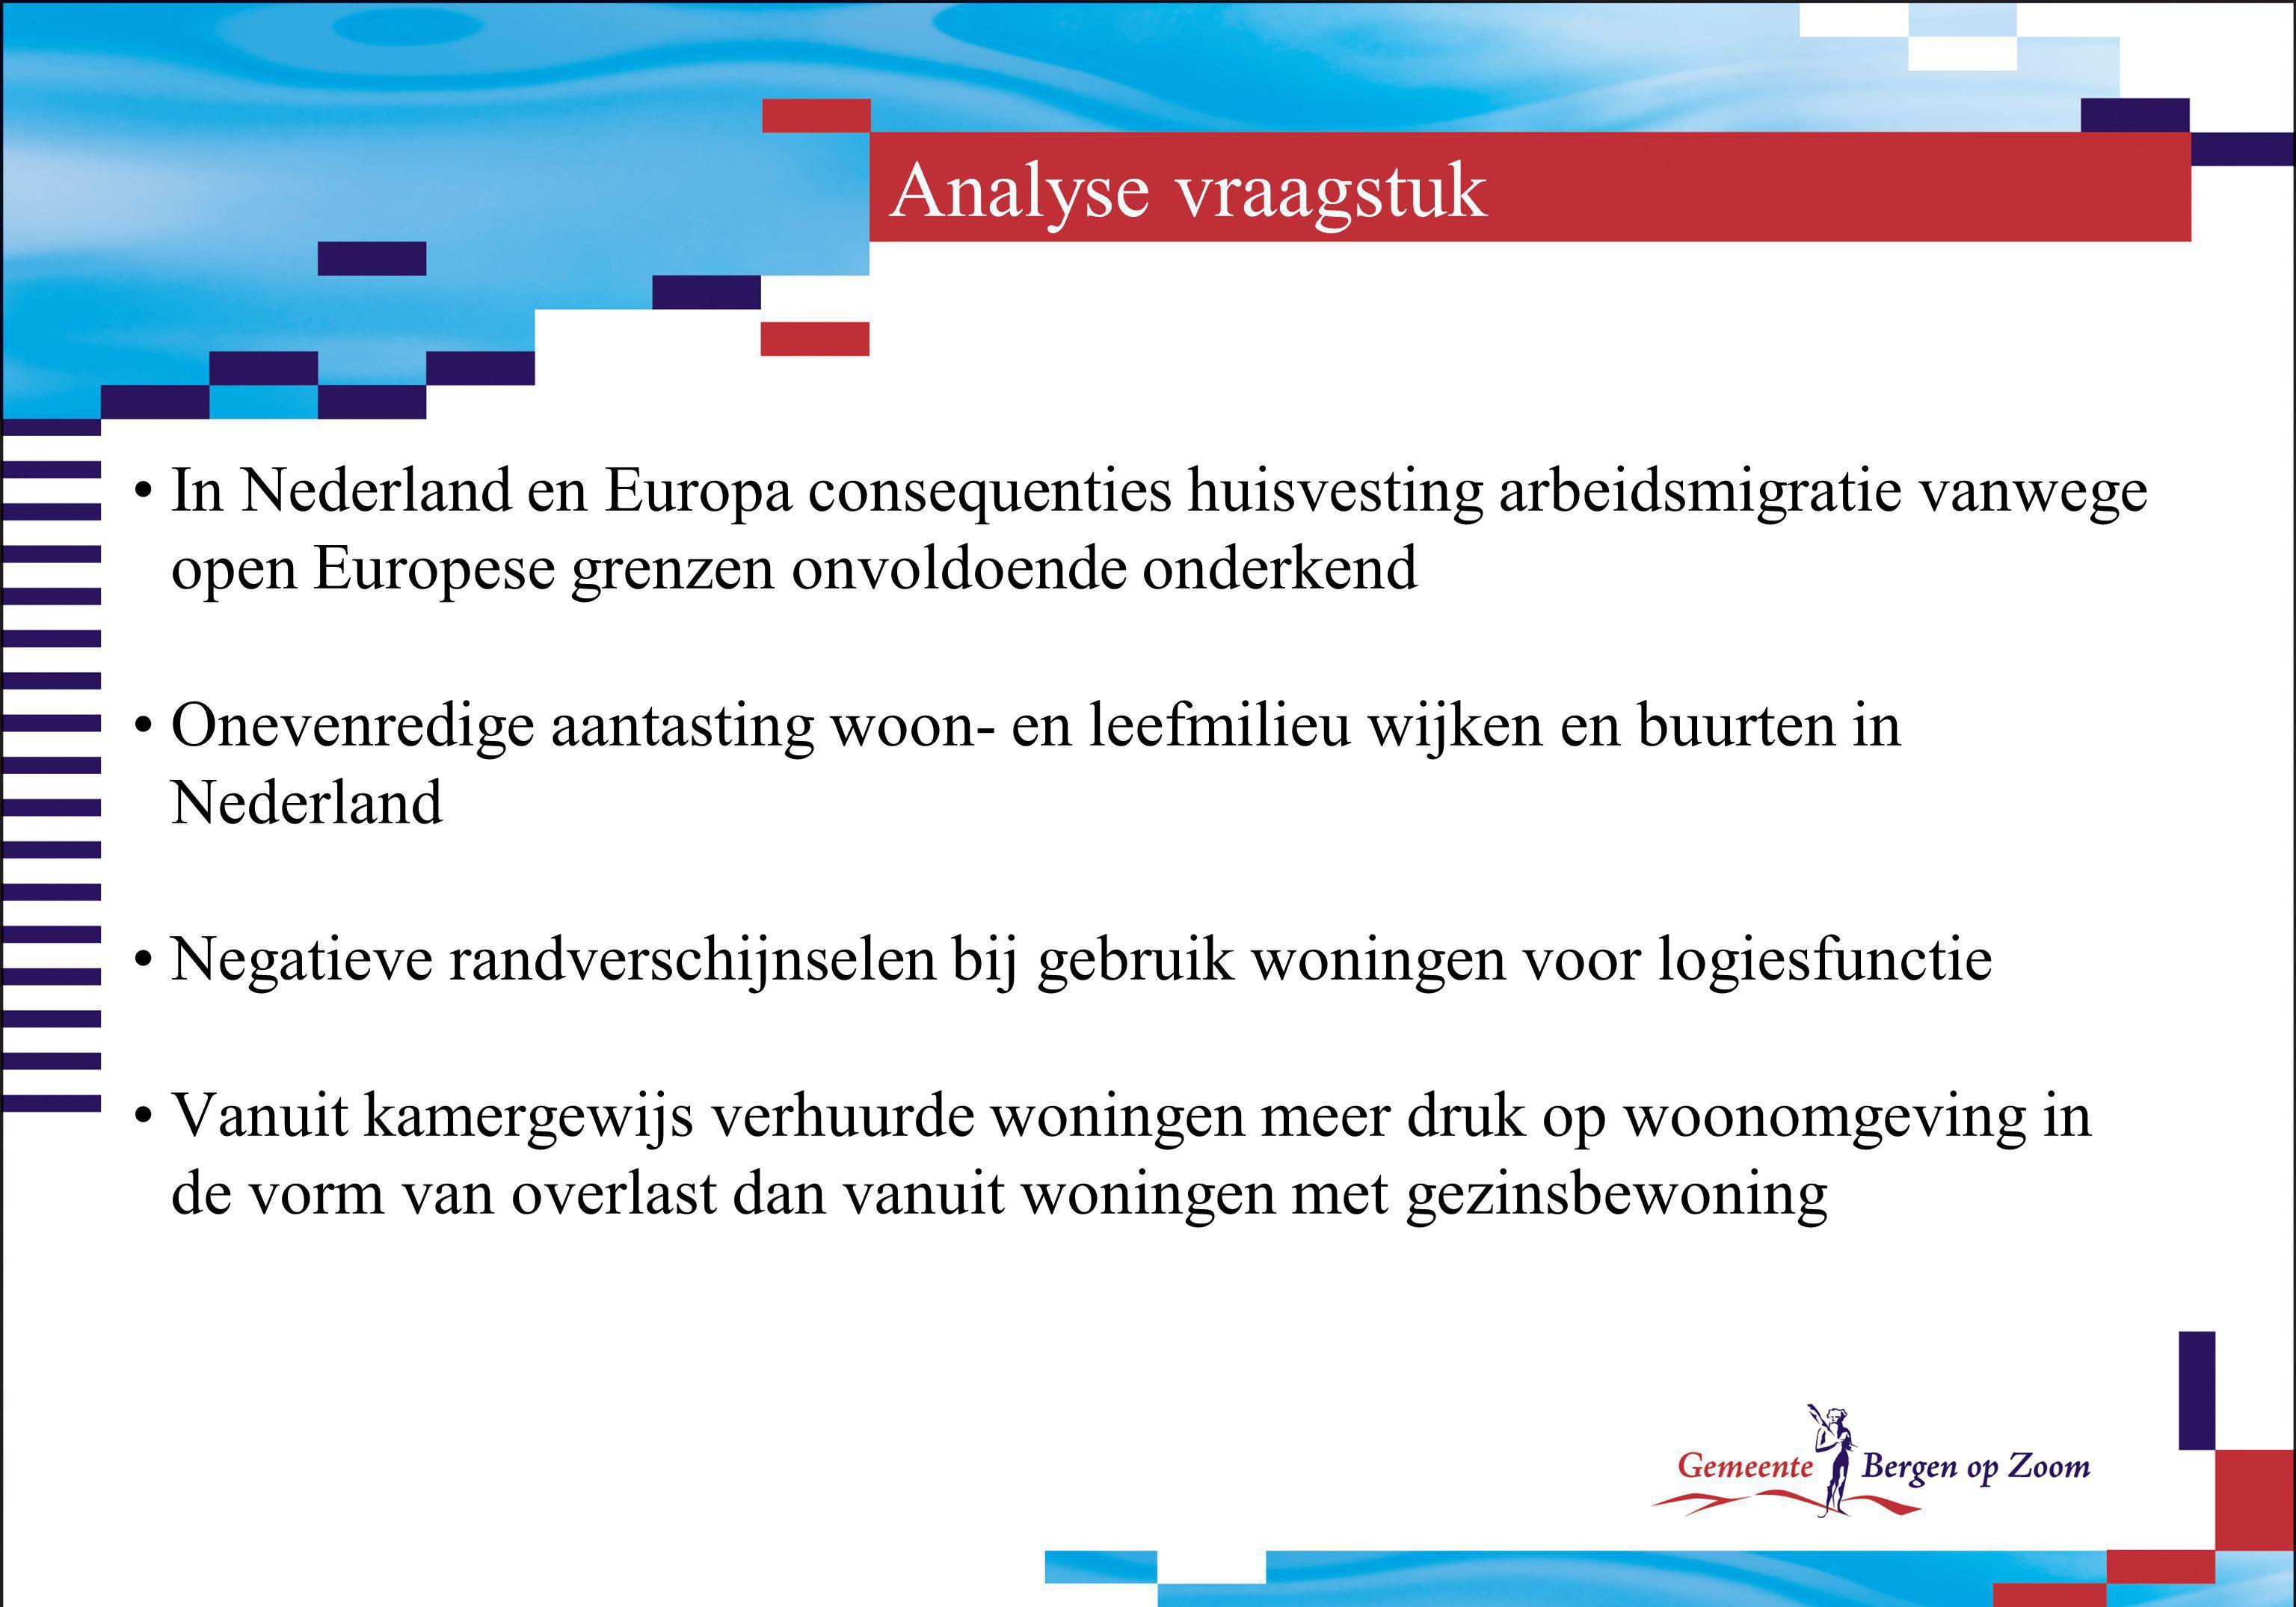 Analyse vraagstuk In Nederland en Europa consequenties huisvesting arbeidsmigratie vanwege open Europese grenzen onvoldoende onderkend.